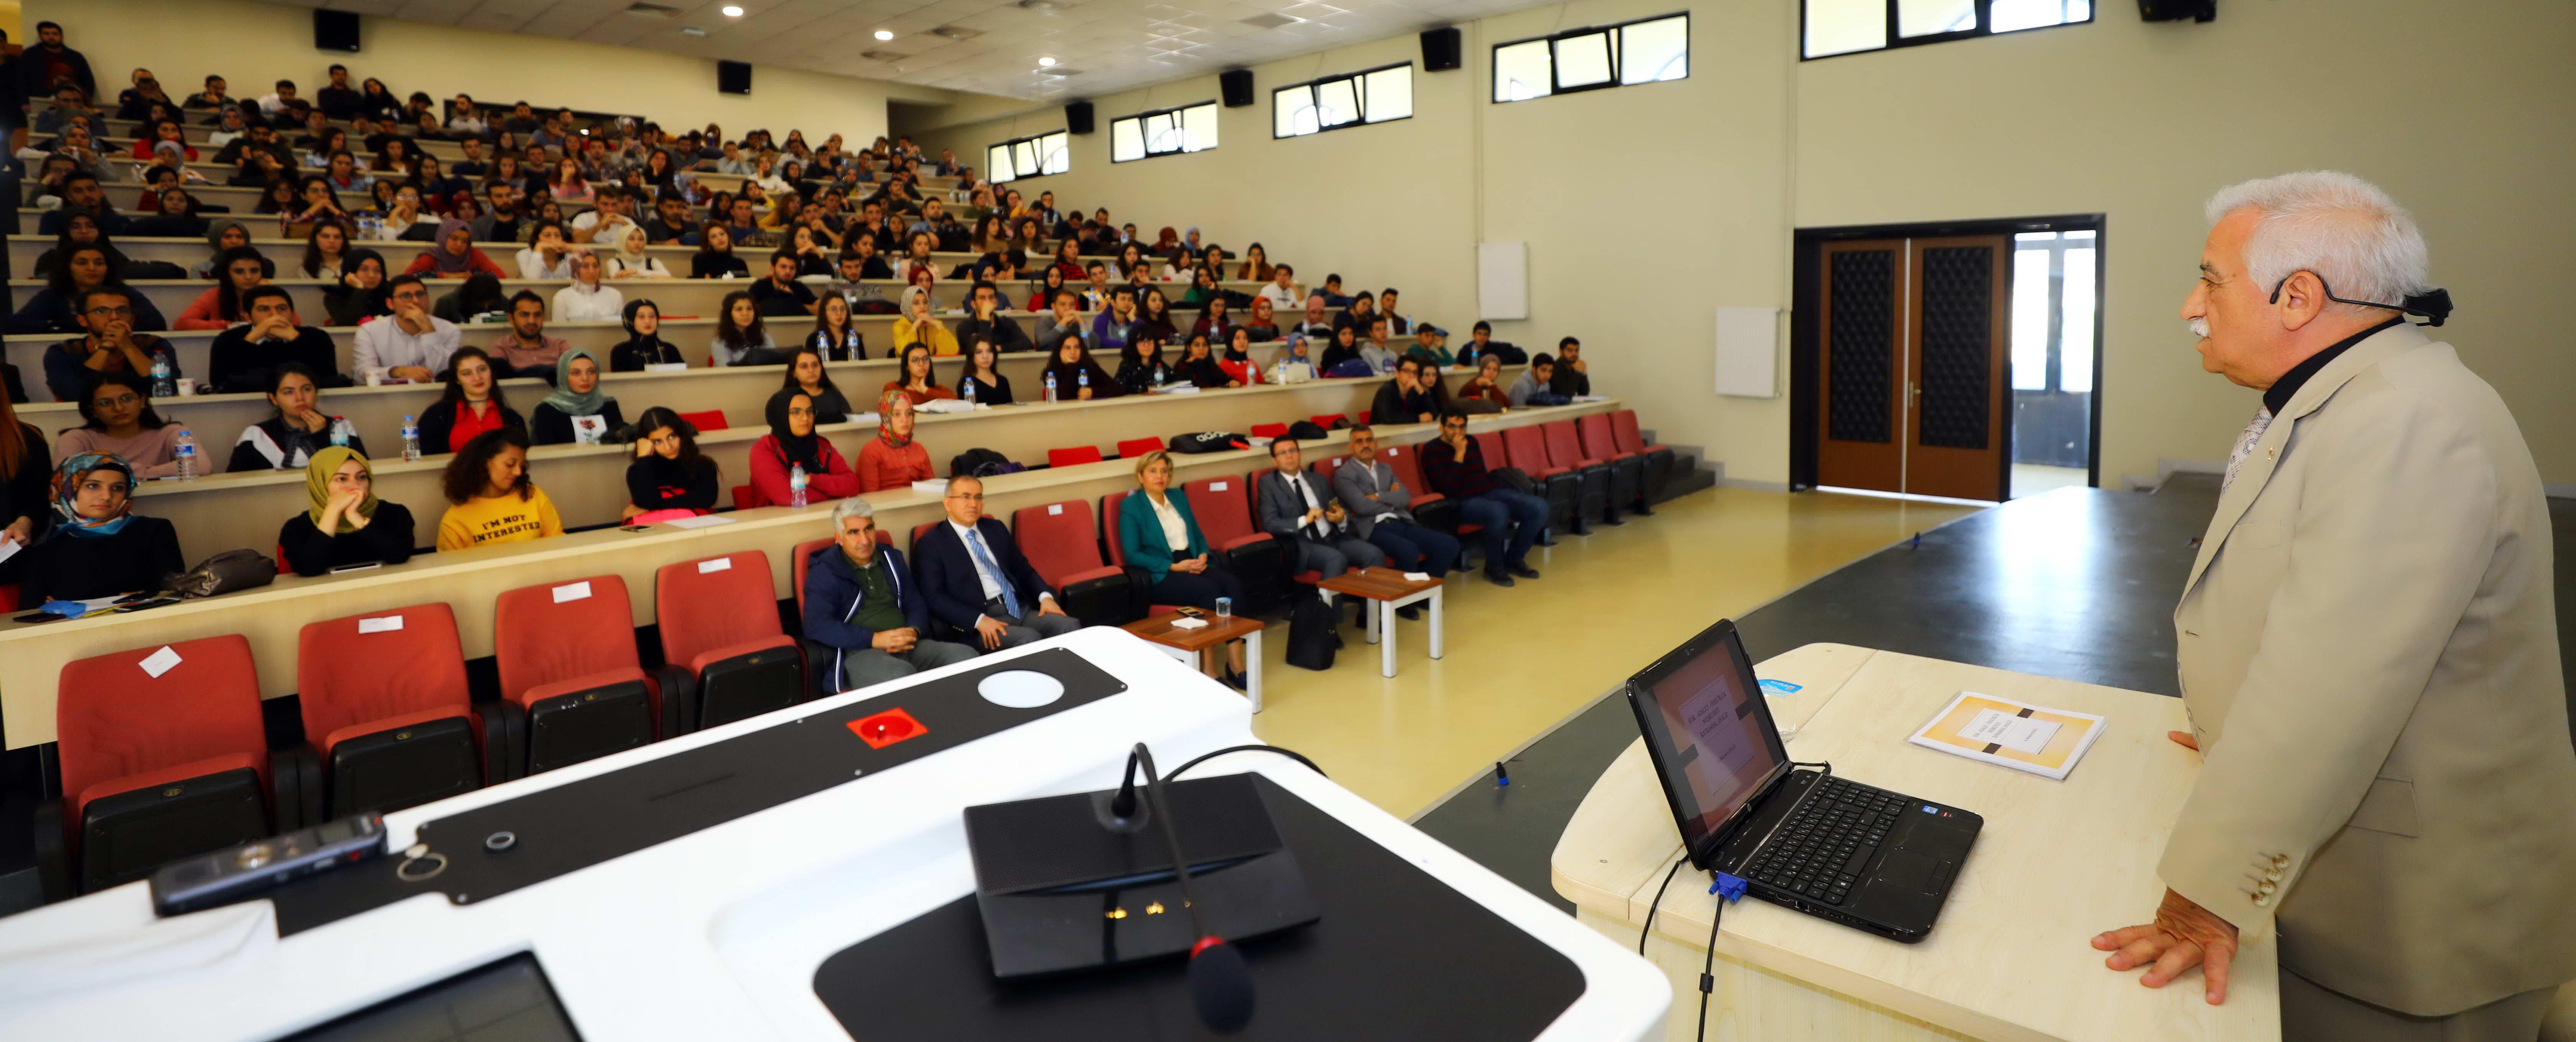 AV. BALCI, HUKUK FAKÜLTESİ ÖĞRENCİLERİNE KONFERANS VERDİ-1